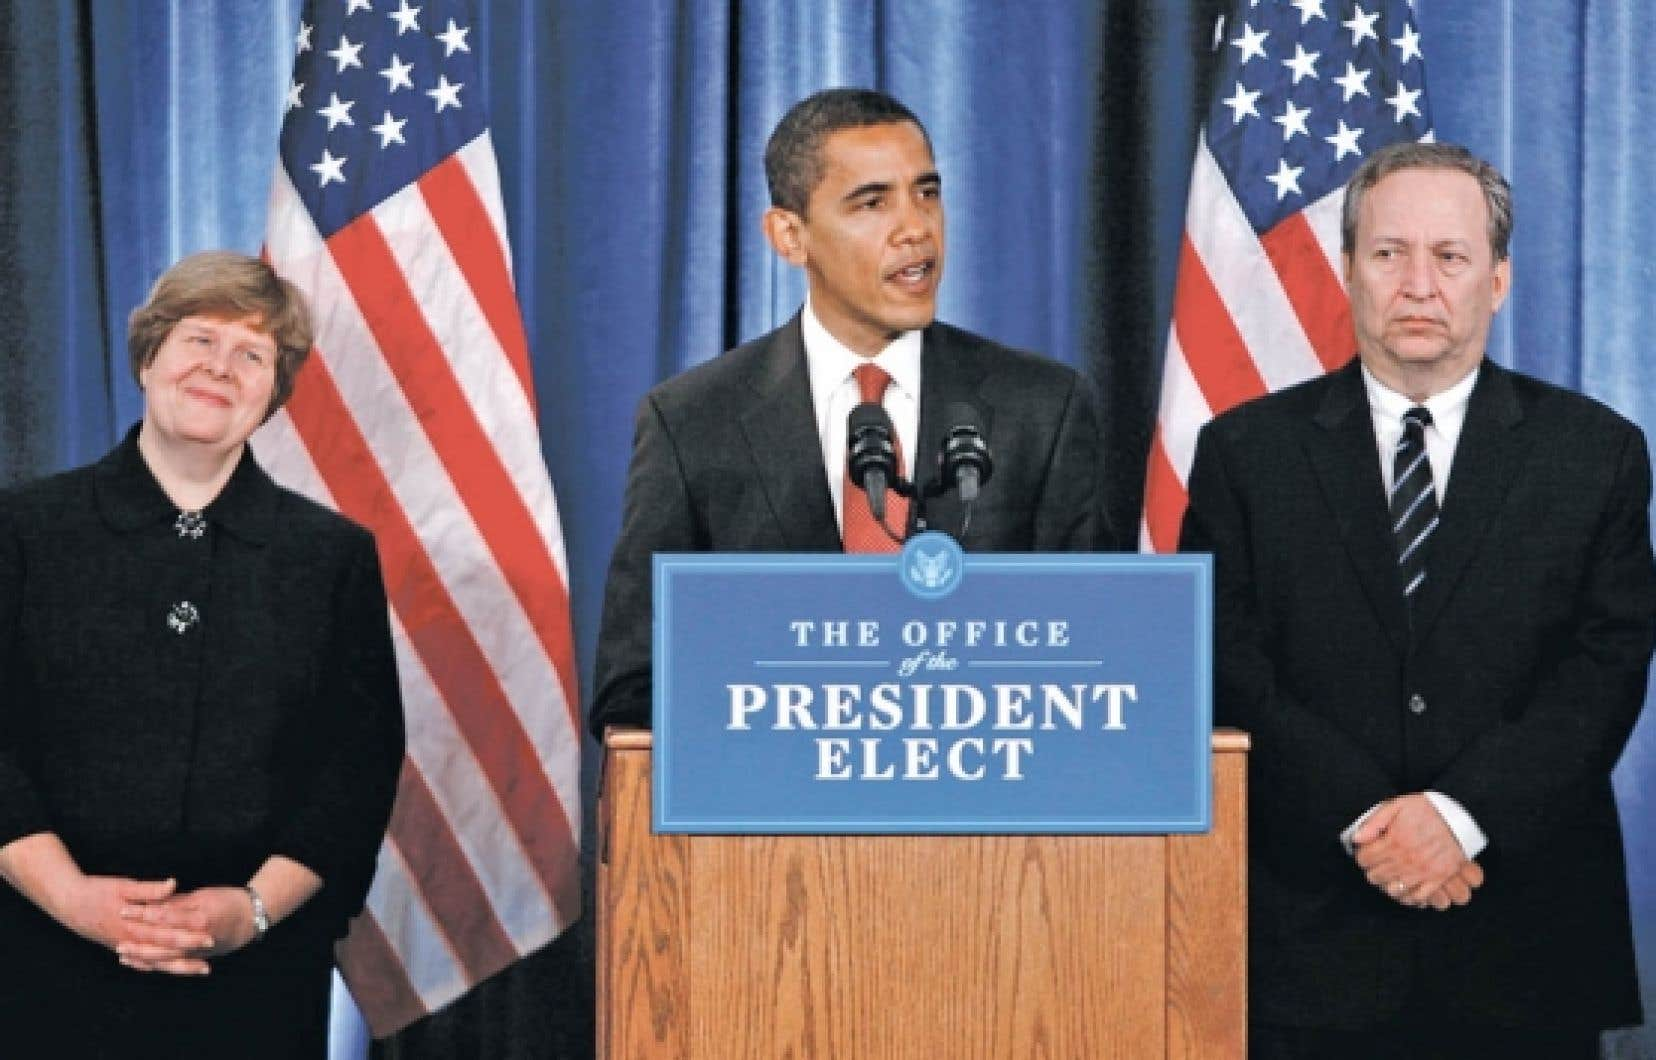 24 novembre 2008. Barack Obama présente son équipe économique à l'occasion d'une conférence de presse à Chicago. Christina Romer (à gauche), chef du Conseil des consultants économiques, a quitté son poste l'été dernier. Lawrence Summers (à droite), premier conseiller économique du président, vient d'annoncer son départ prochain, de même que Herbert Allison. Avant eux, Peter Orszag, directeur du budget, avait démissionné.<br />